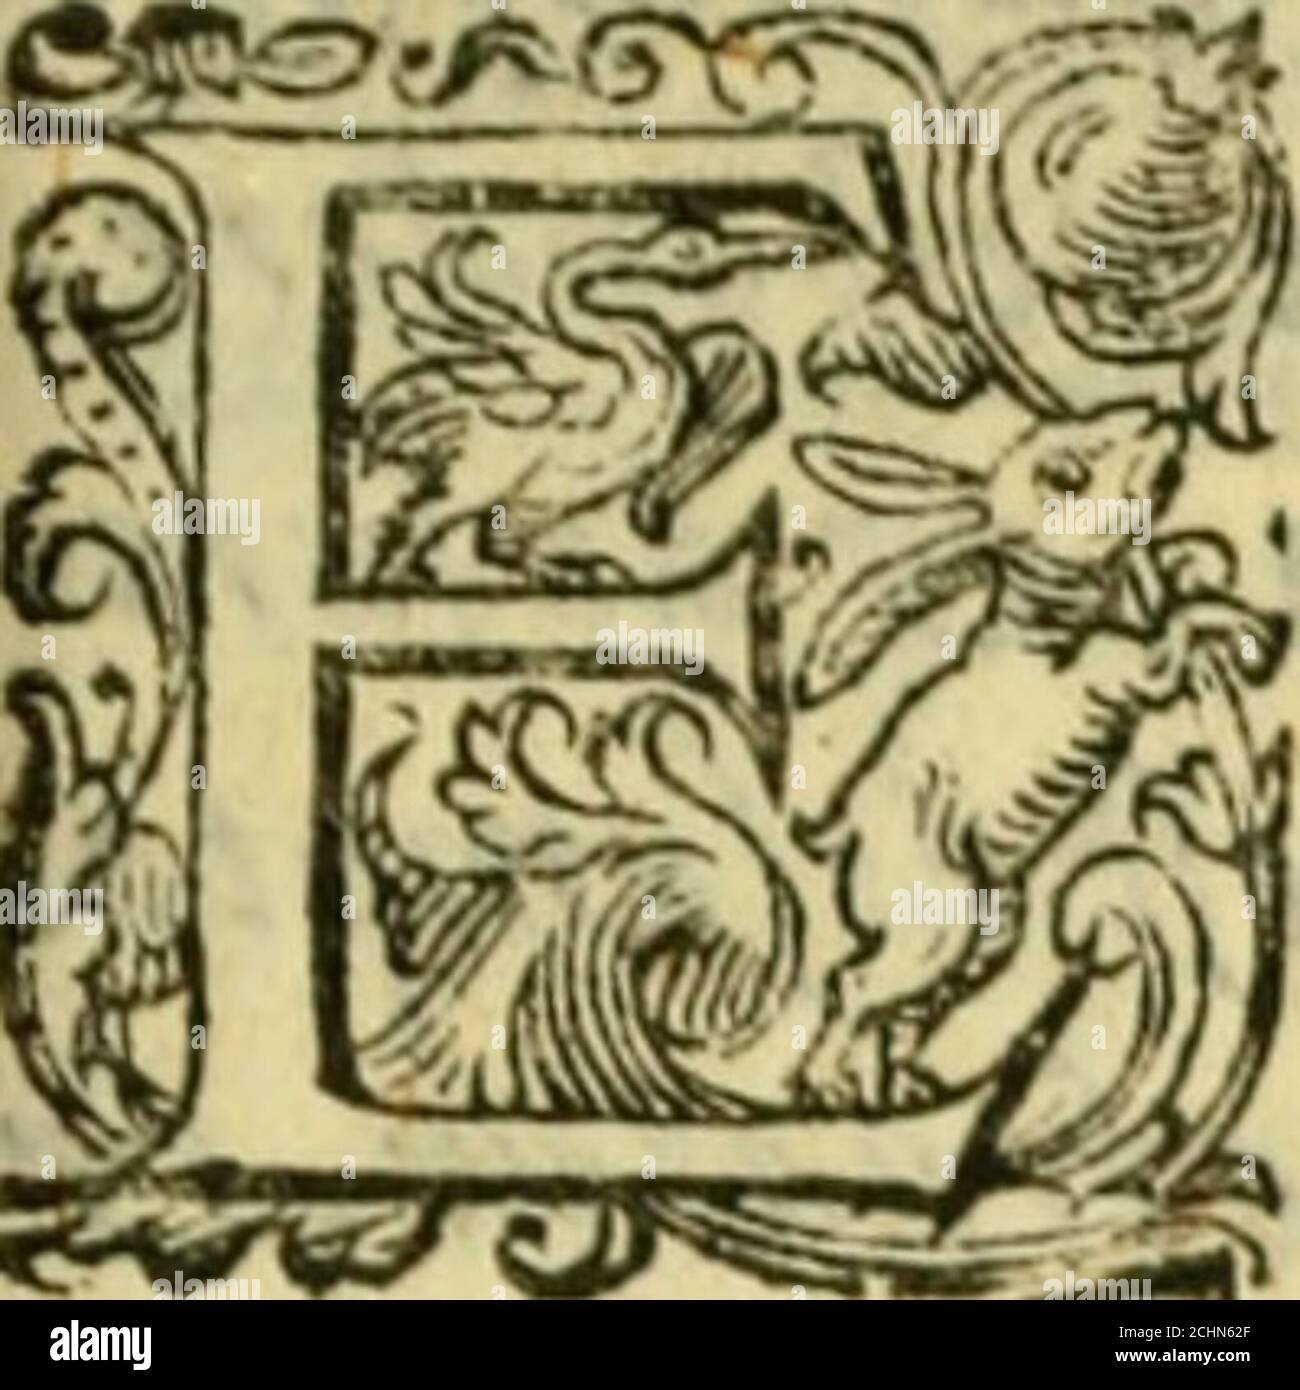 . Sito, et antichita della citta di Pozzuolo : e del suo amenissimo distretto. Con la descrittione di tutti i luoghi notabili ... e di Cuma, et di Baia, e di Miseno ... con le figure de gli edifici, e con gli epitafi che vi sono. . S,D,N.PIOIl7 PONTIFICI MAXIMO. FRANCISCVSARETINVS.S. P. D. ^F O LFENTI mihi quidam^ lihrorum volumina ( Pie Pont.Max,) & animi laxandi grafiacodices ilios perquirenti ^ reperihoc opufiulum LuteoLregiontmtédmirabilium profitto virtutum quas in aquisimplicitas y AC latcntes San^ìitas tua legendapian} in/pie ere poterit. Illas enim tute pipien^tiddicandasputaui^quodtef Stock Photo